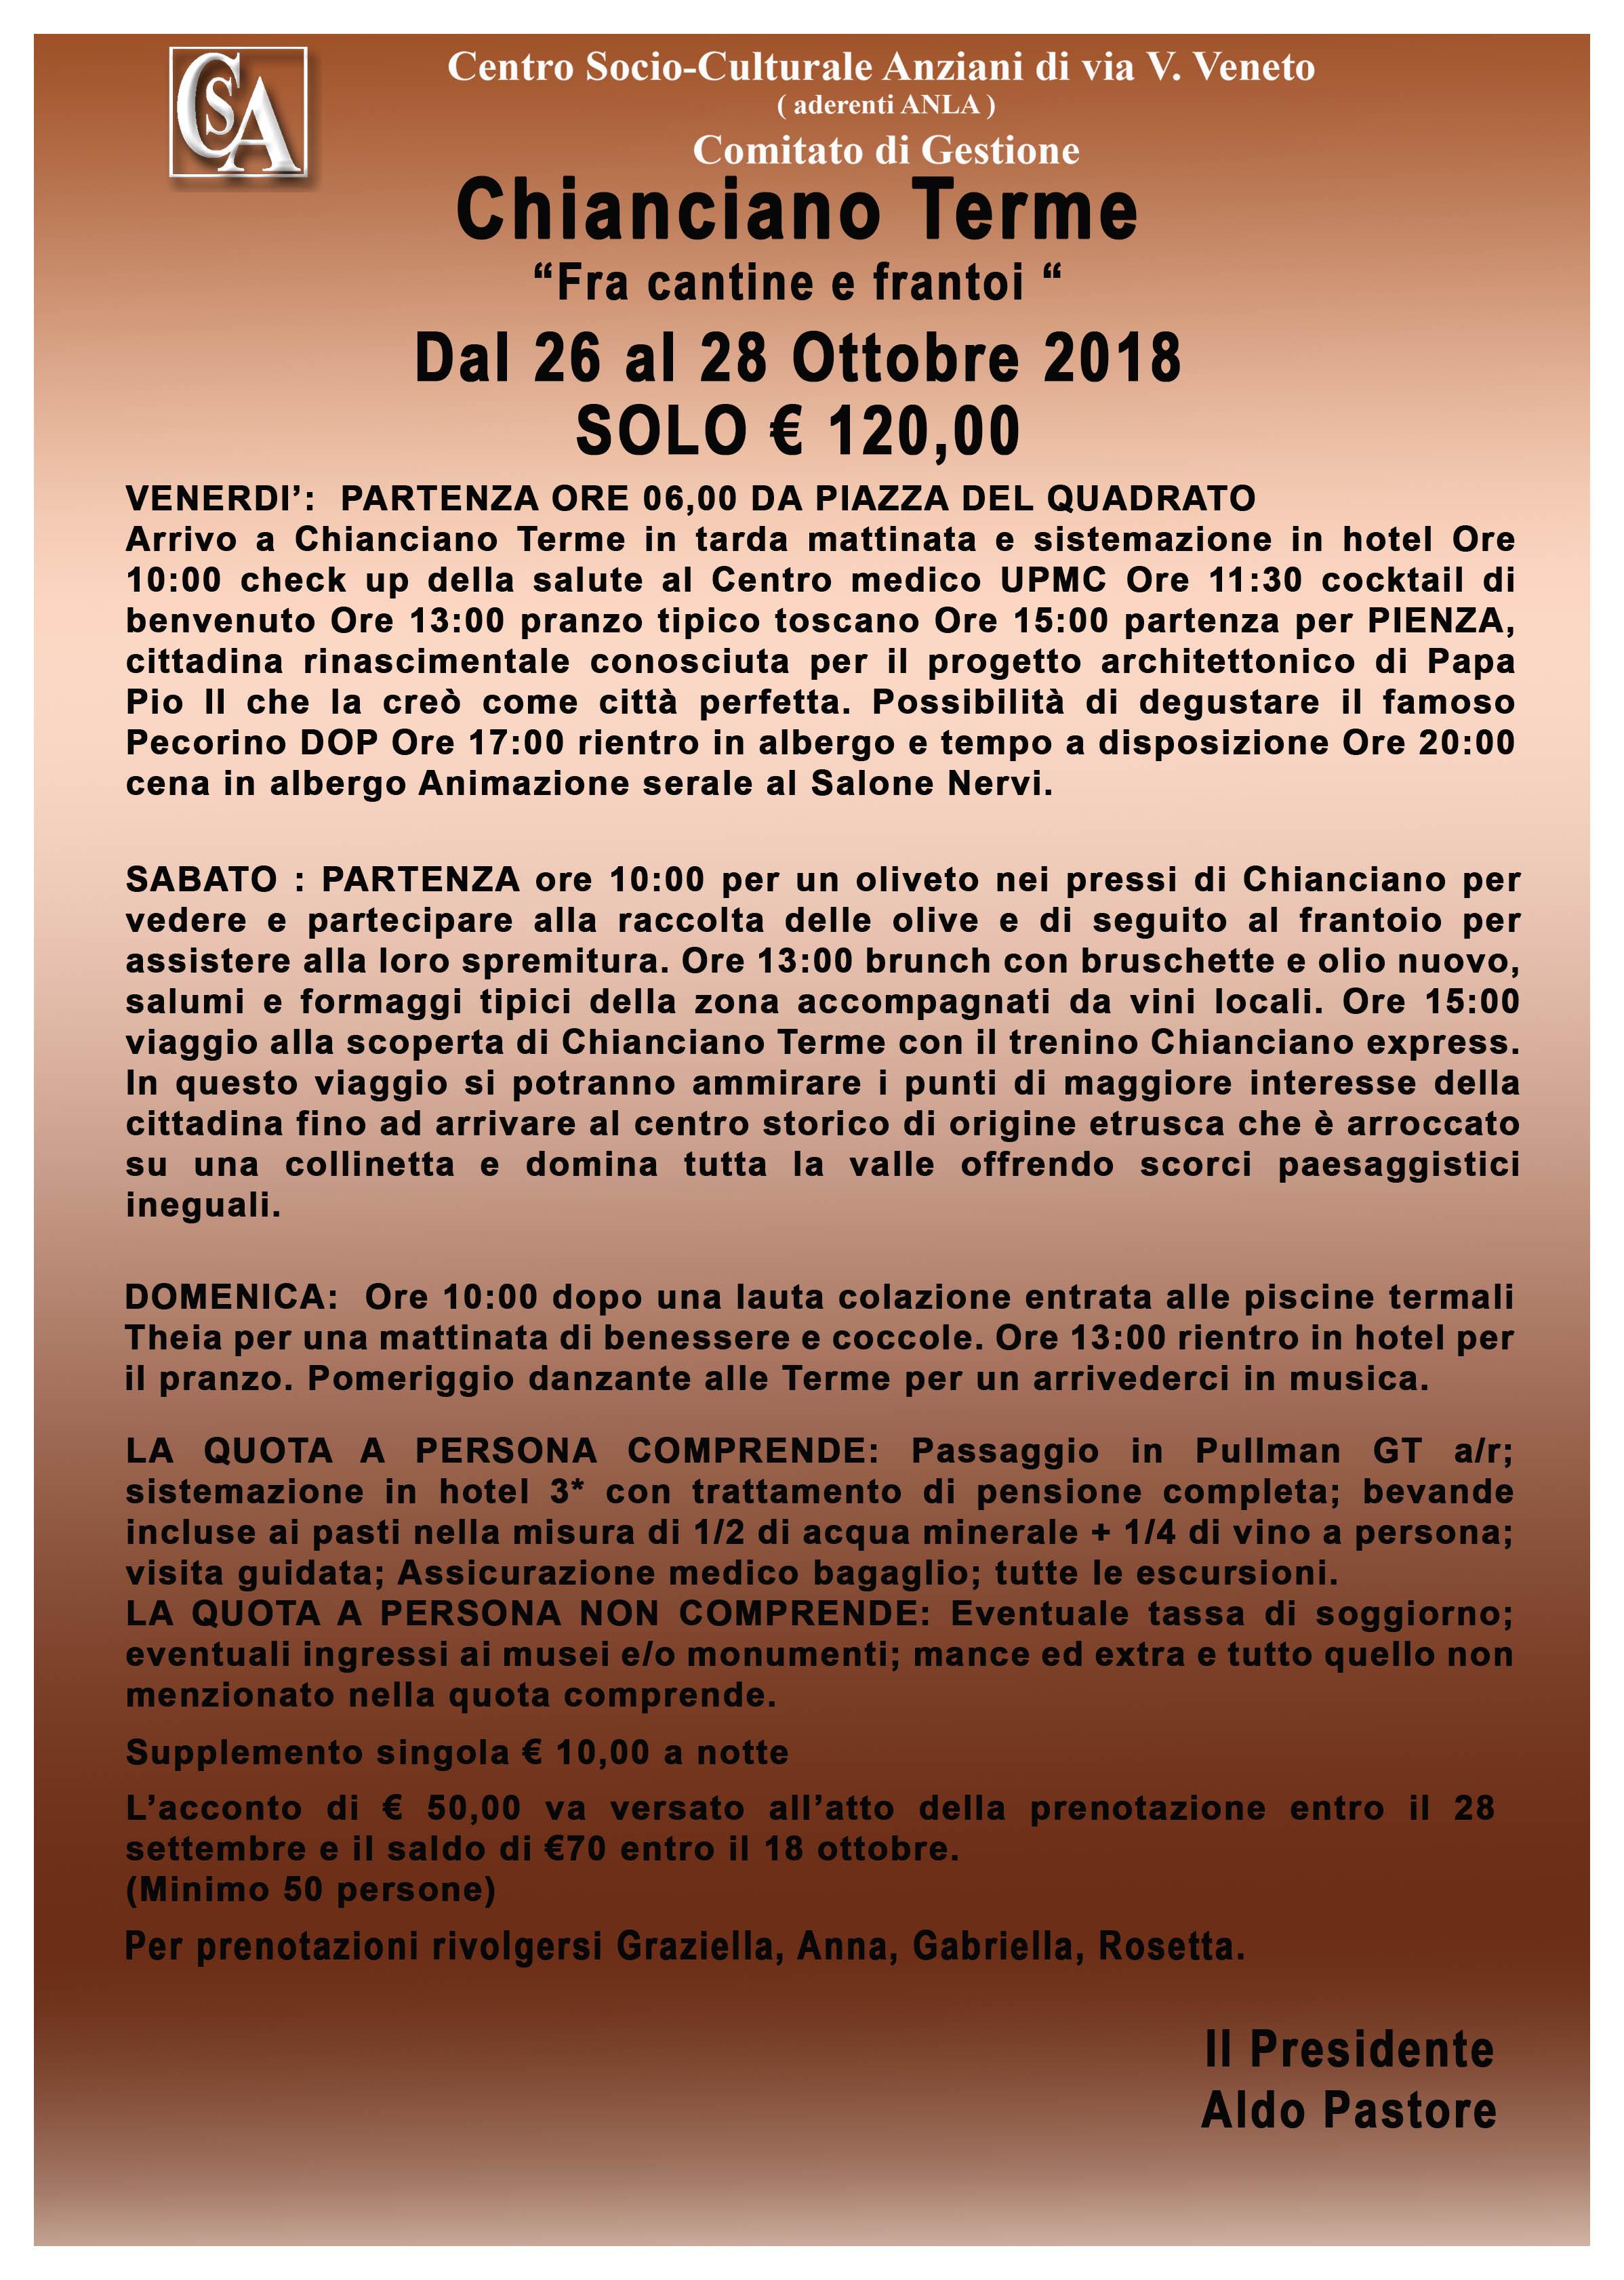 Microsoft Word - chianciano 1Carta_Intestata_Centro